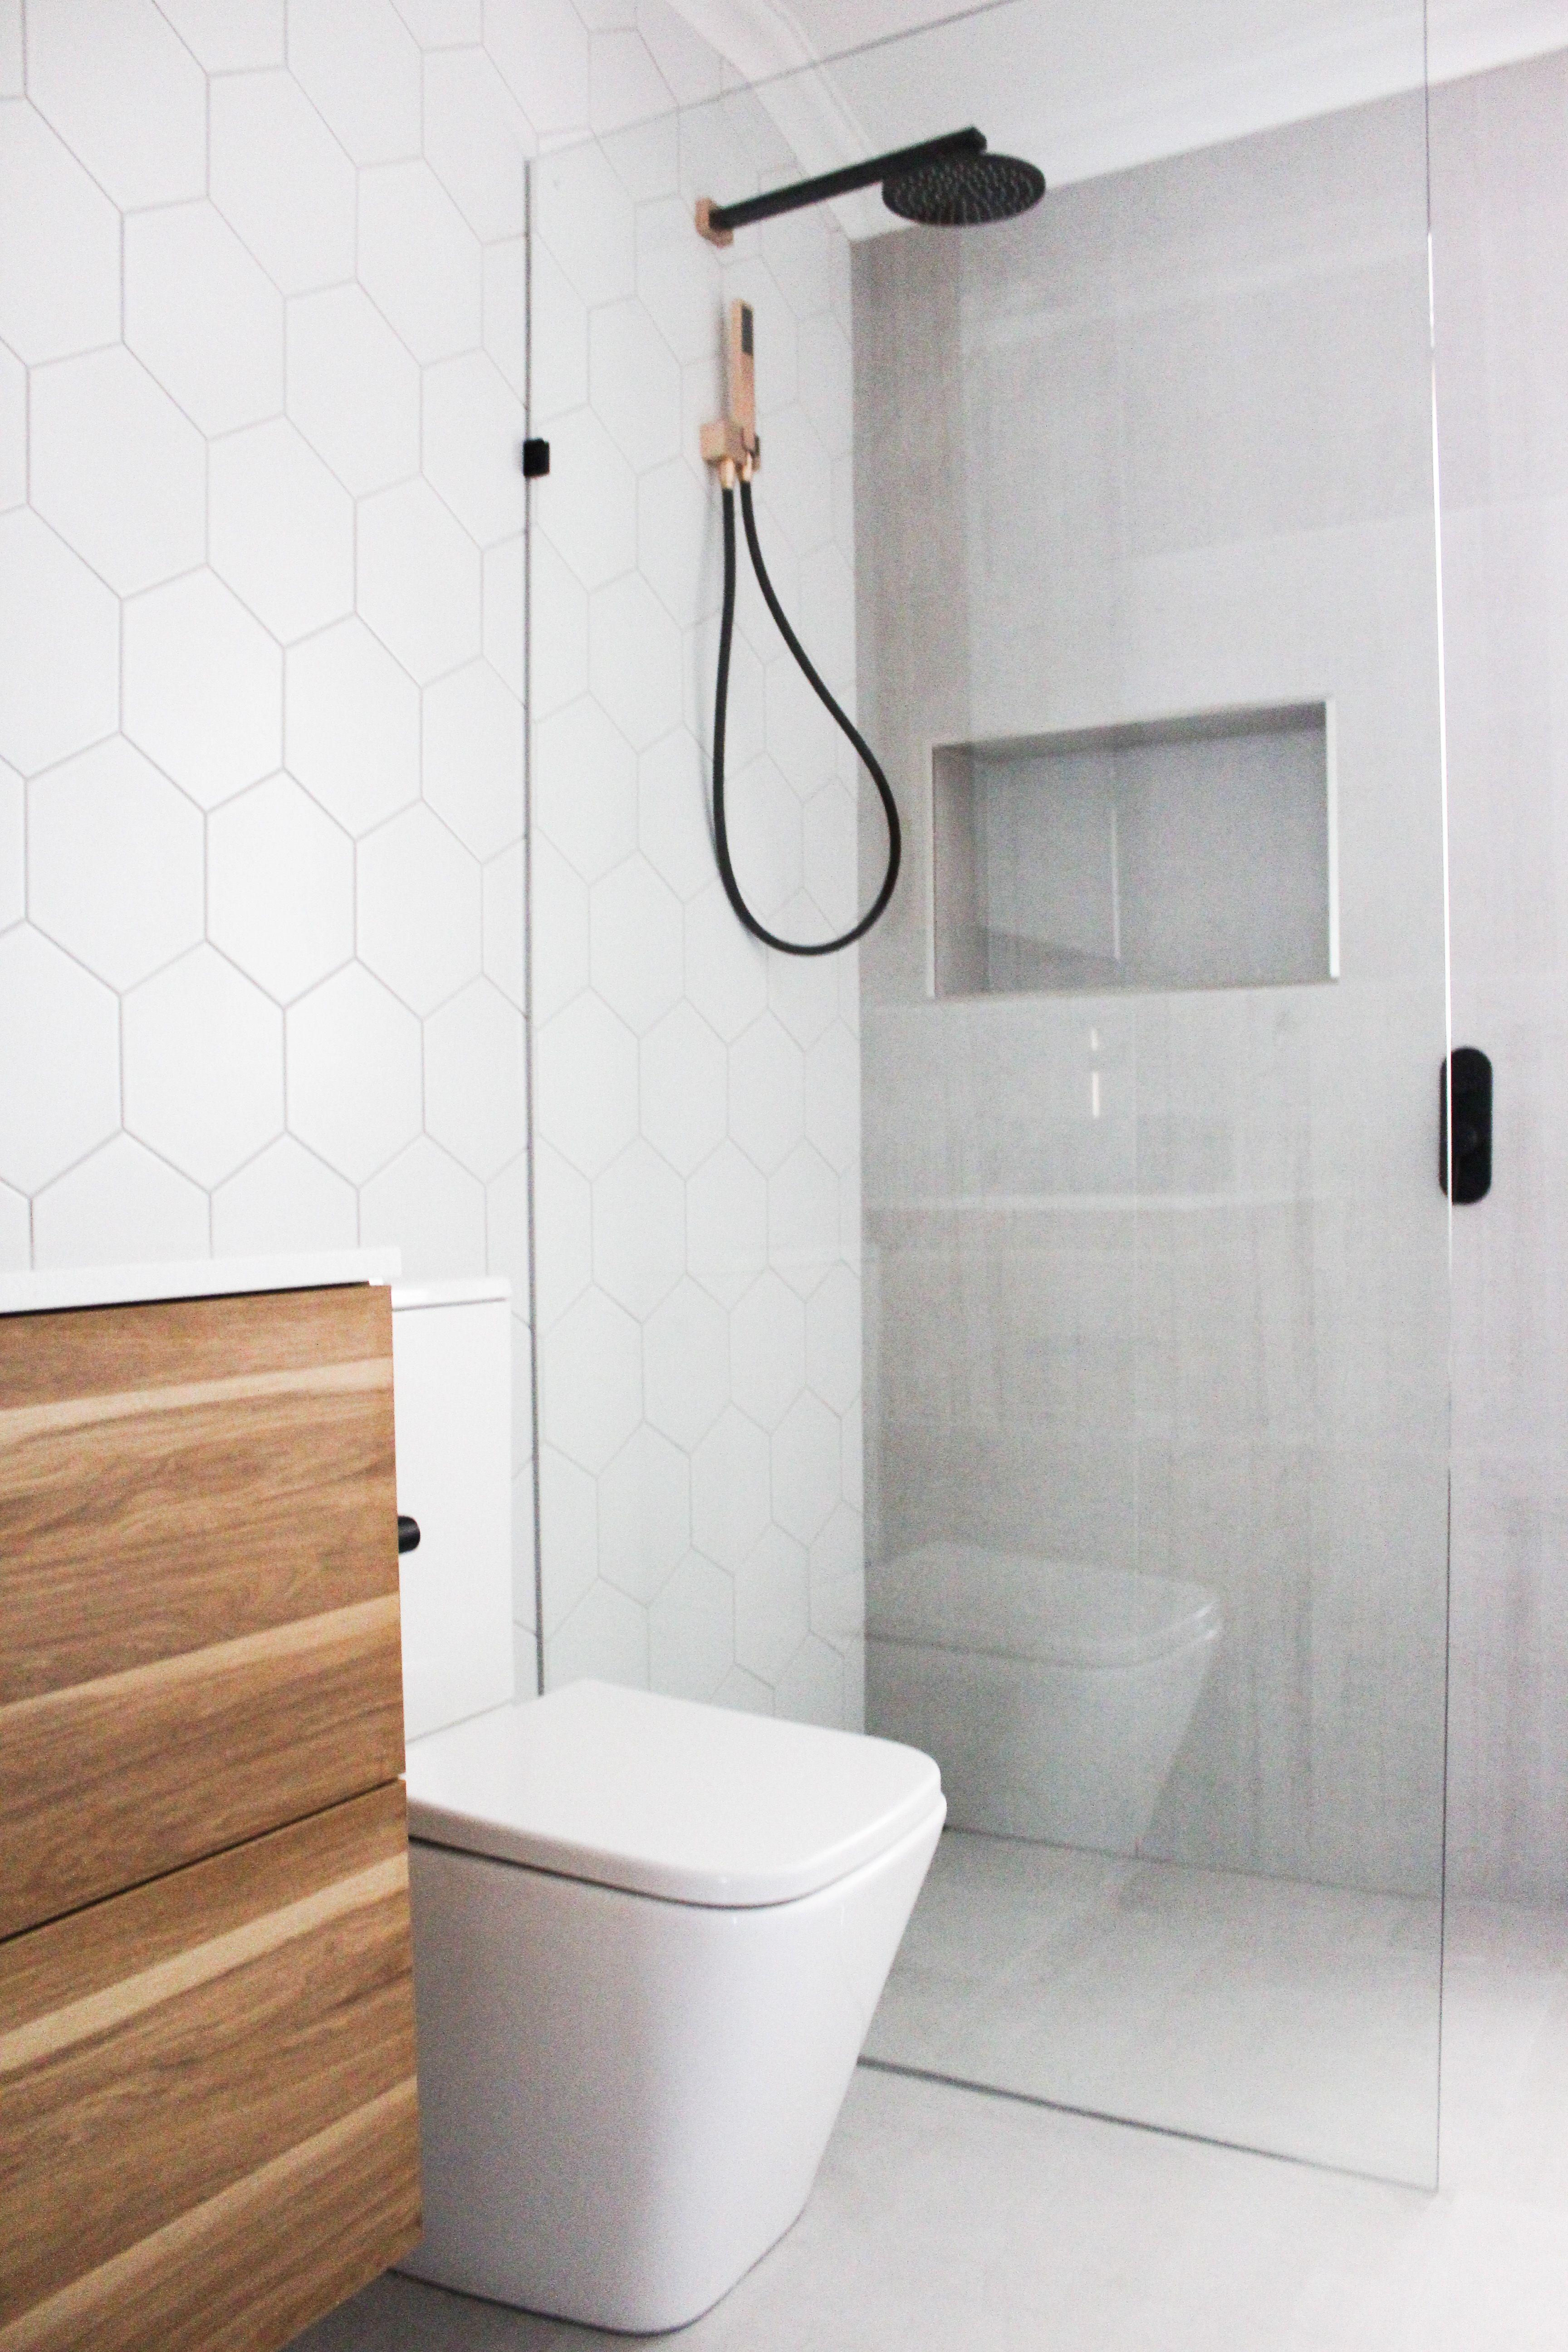 Tiles, Hexagon Tiling, Shower Recess, Dark Wood WallHung